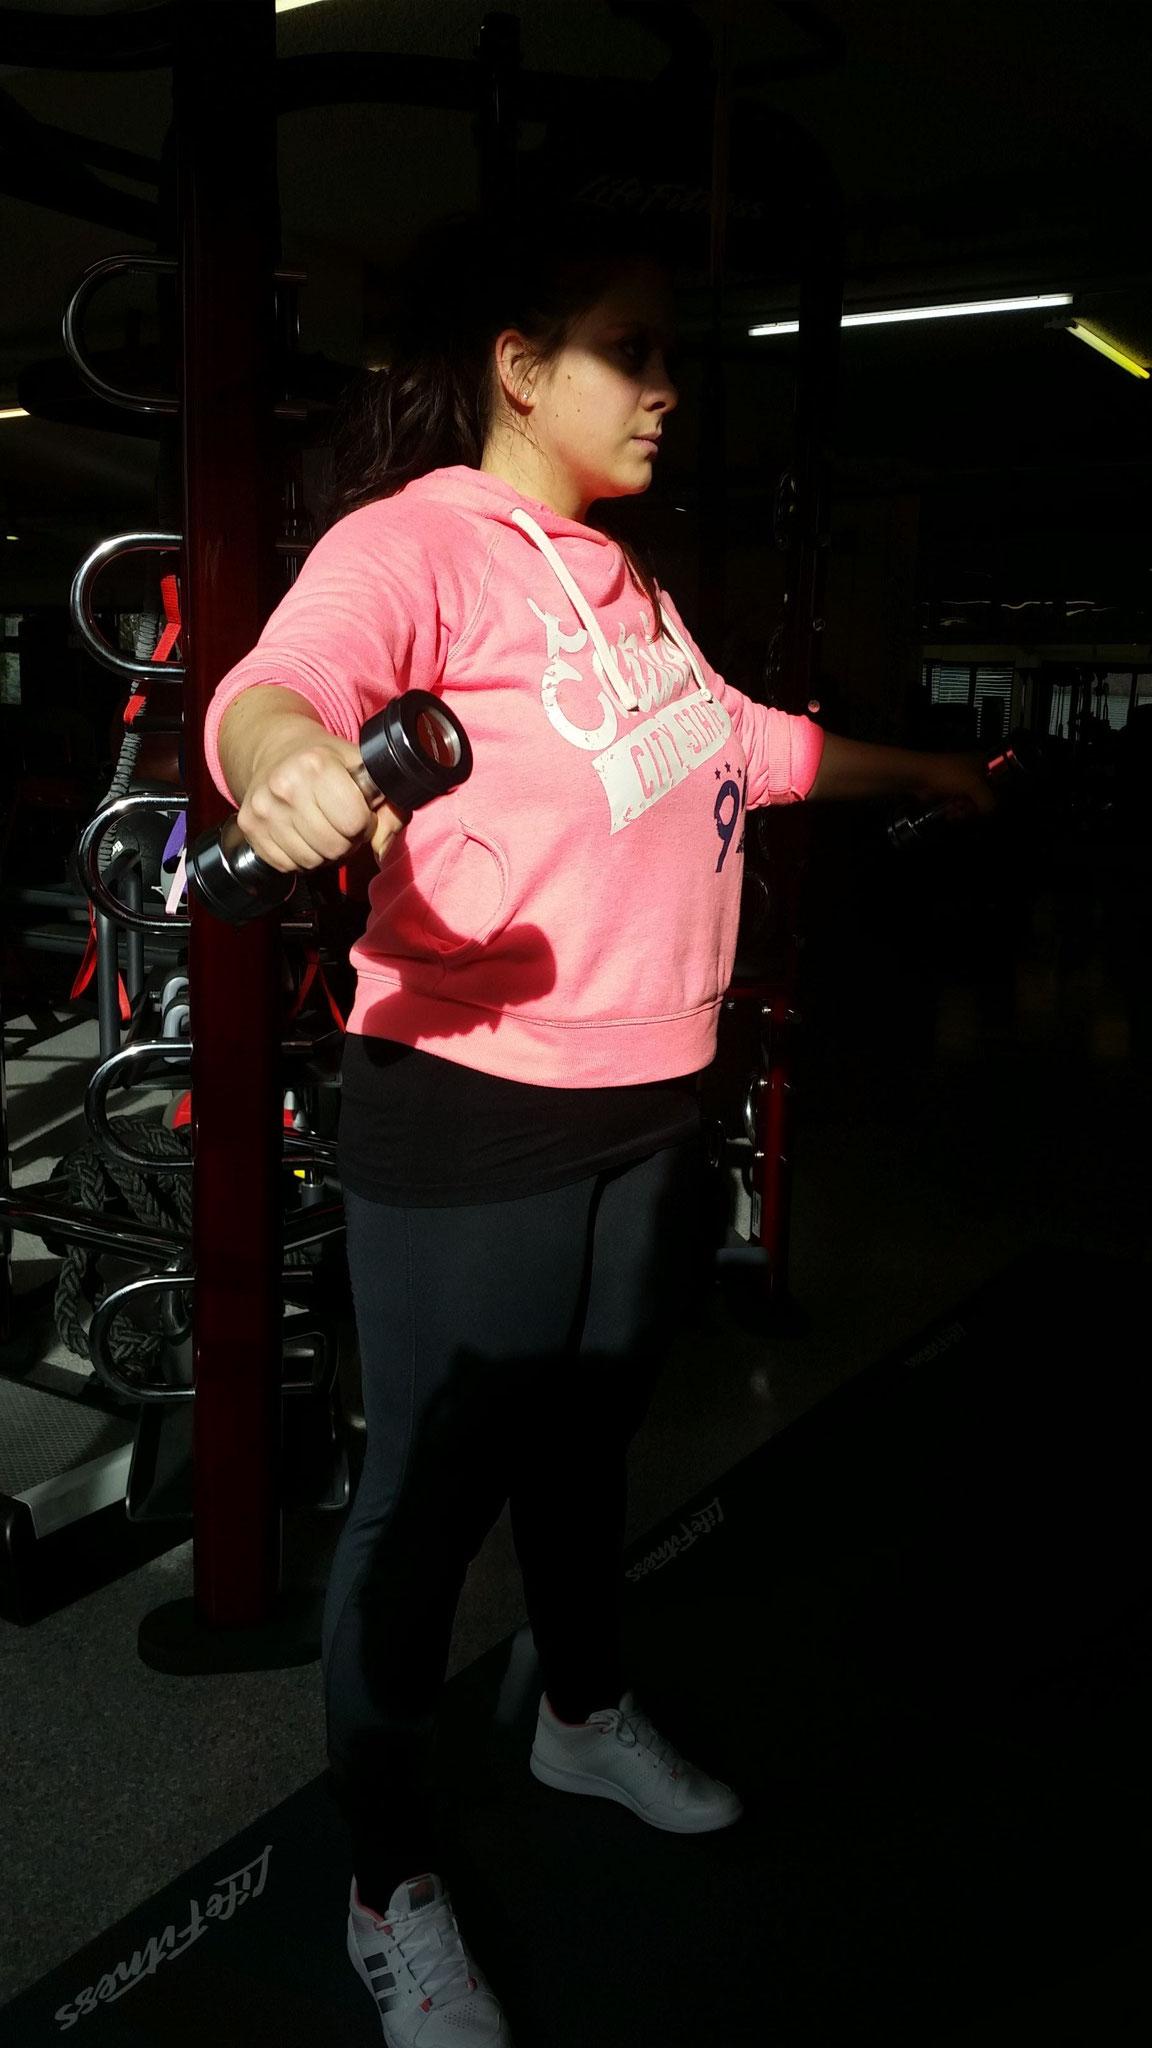 Personal Training Fitnessstudio Krafttraining Bodyforming Fettabbau